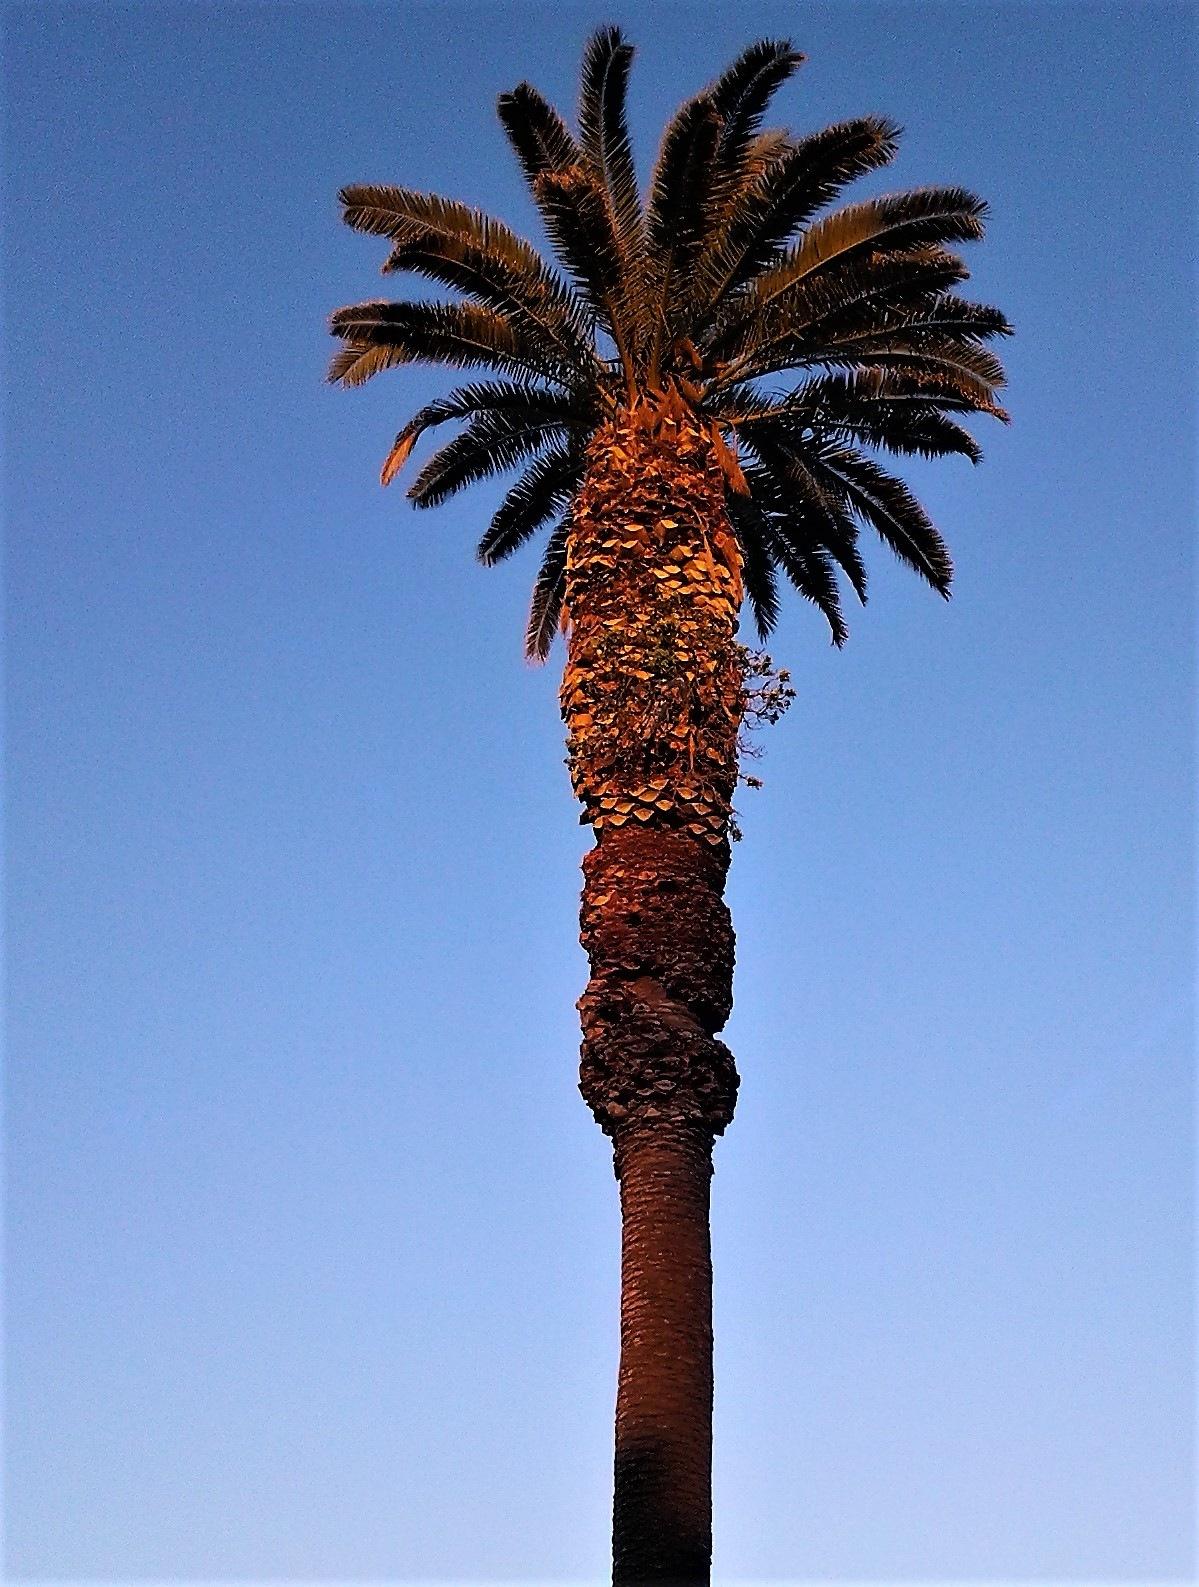 Sunset palm by deanna.polk